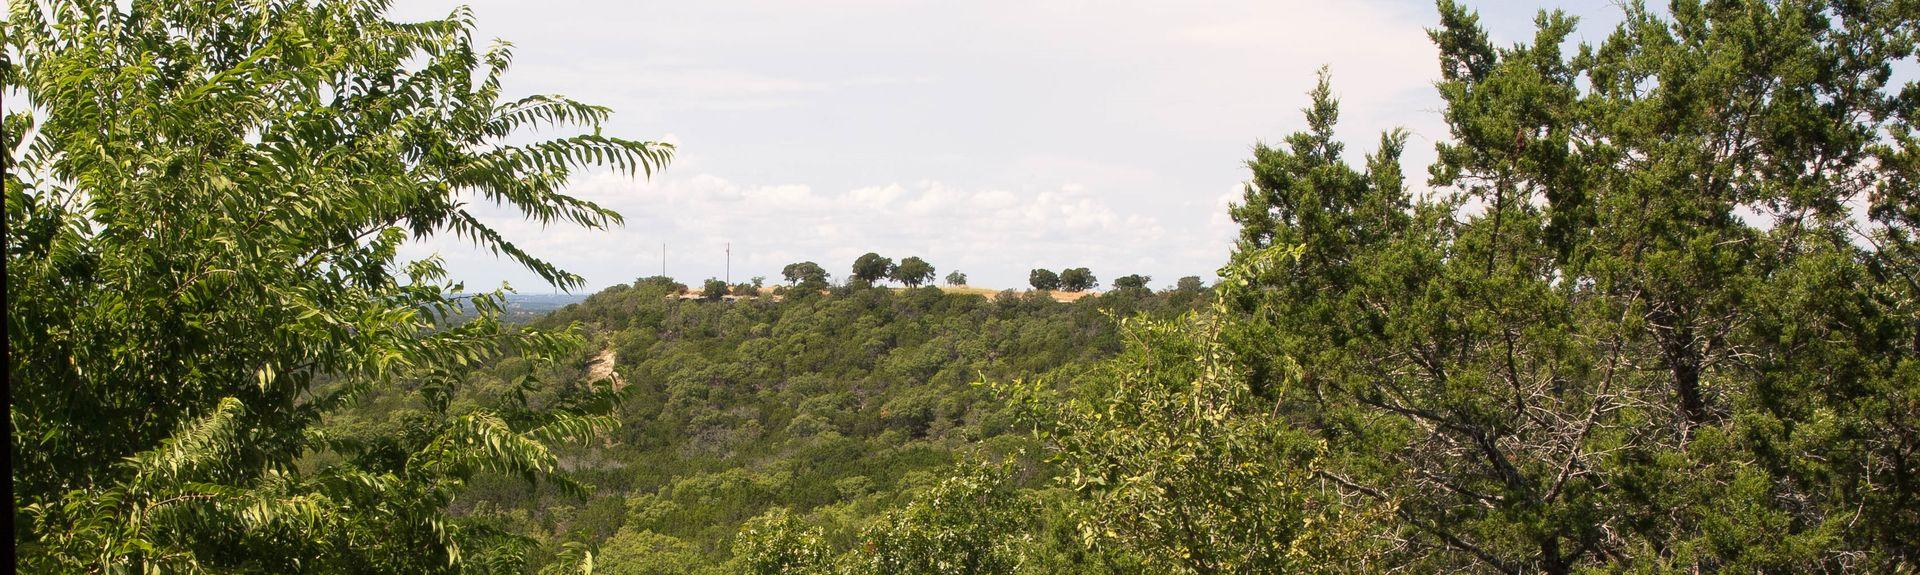 Dinosaur Valley State Park (Naturpark), Texas, Vereinigte Staaten